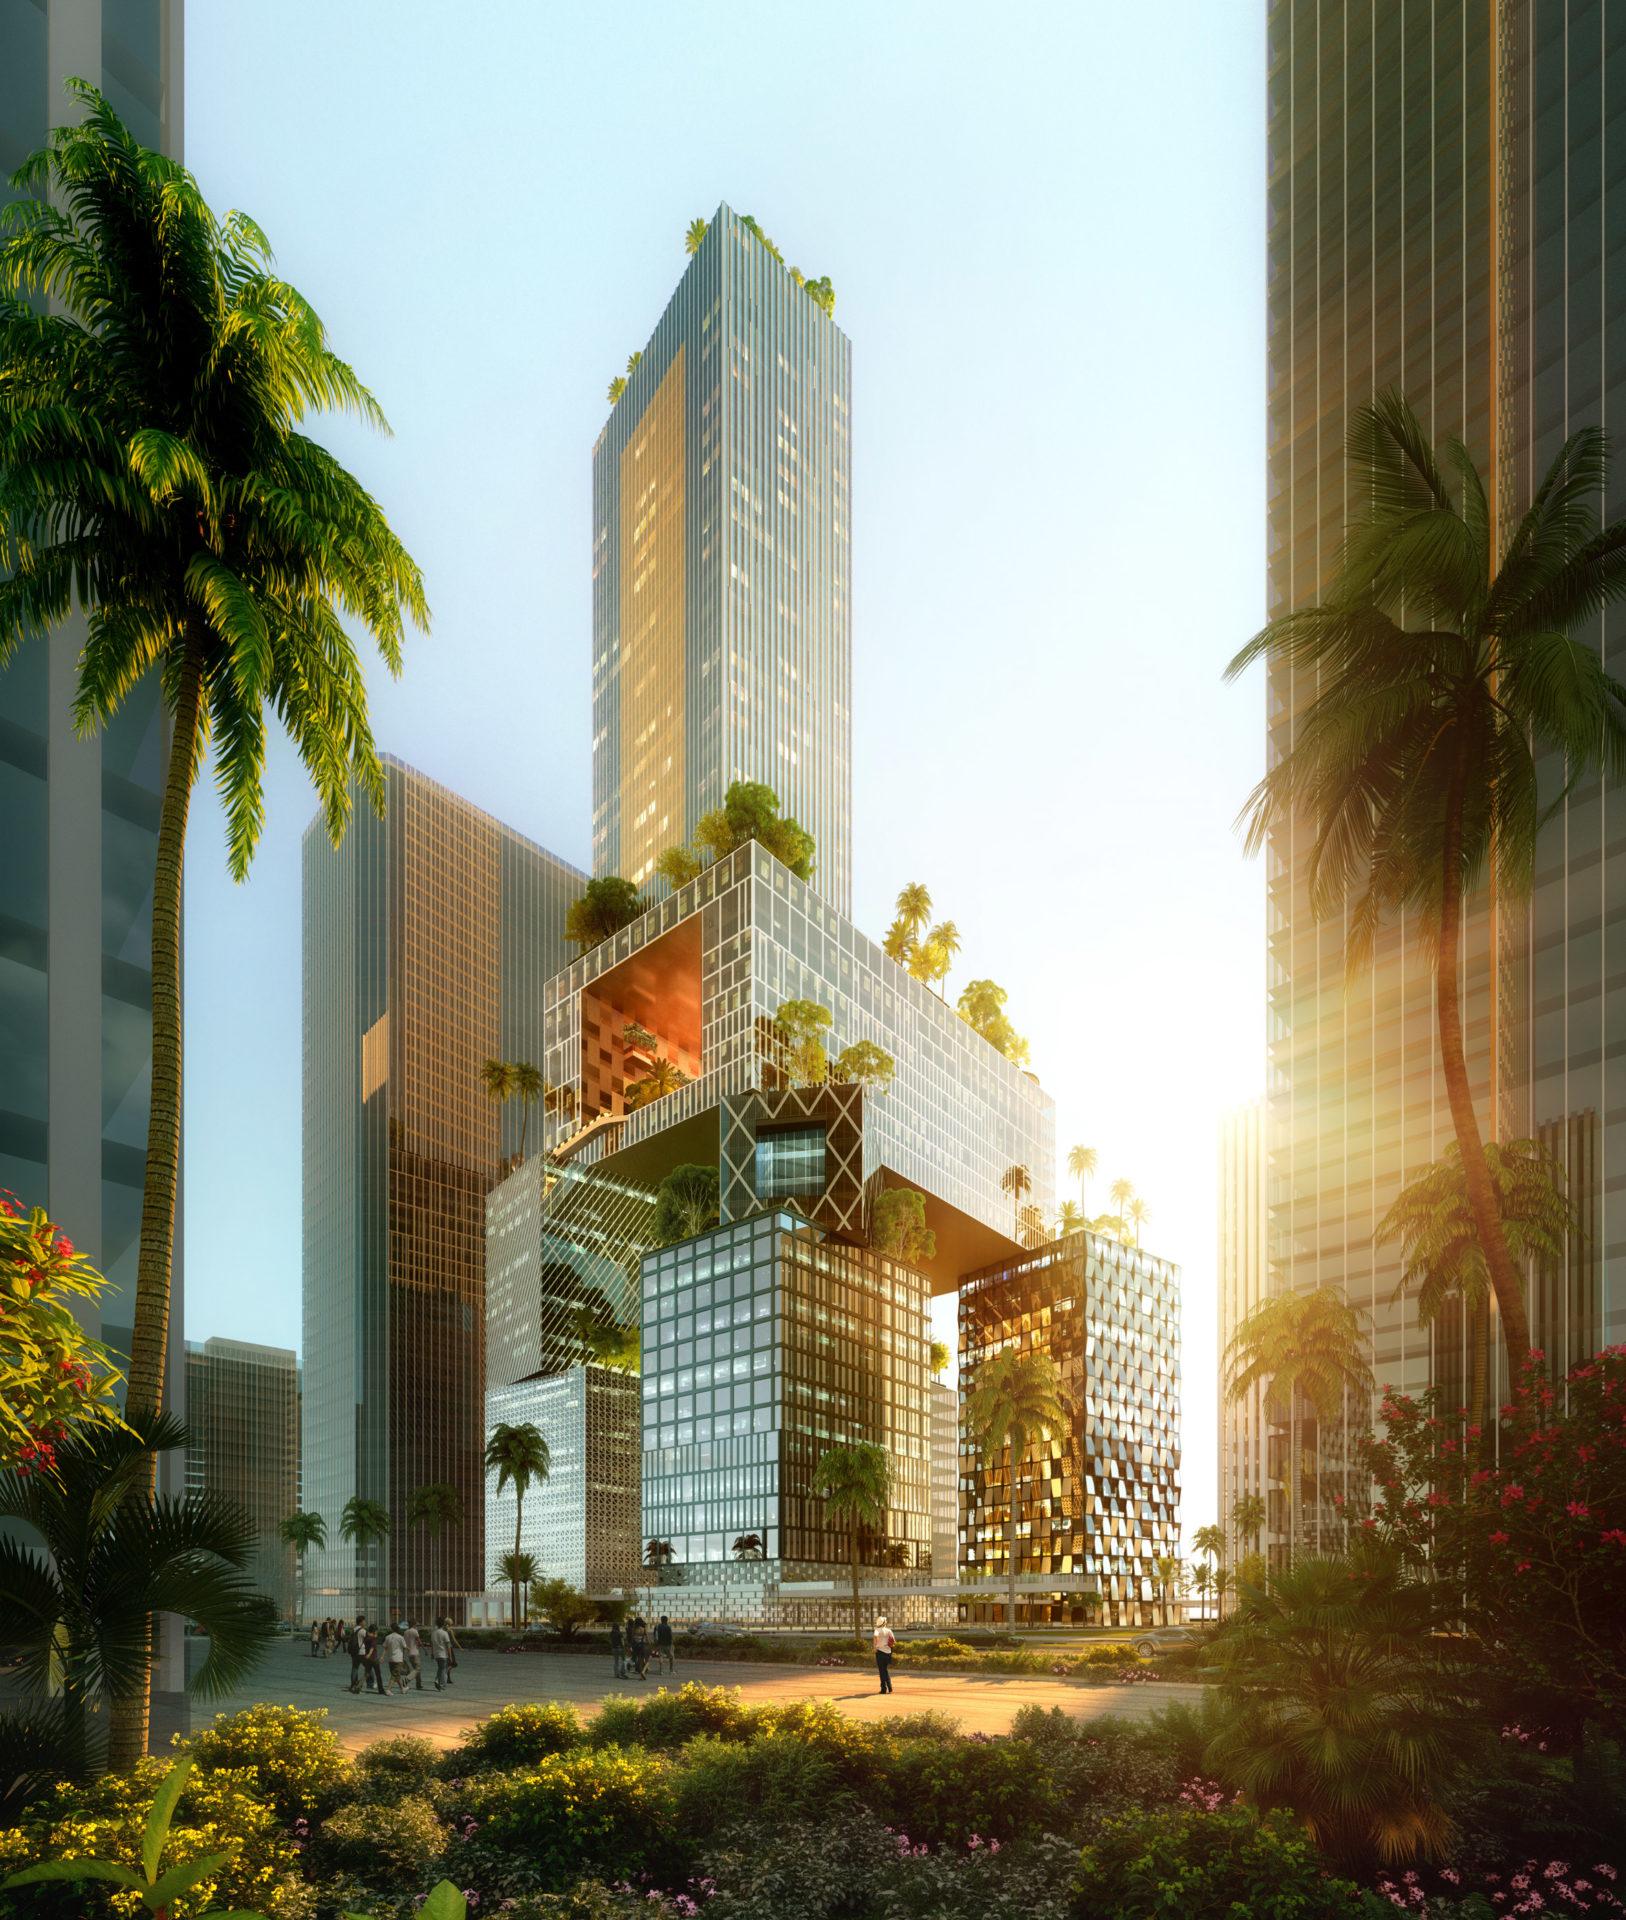 vanke-3D-city-mvrdv_dezeen_2364_col_1